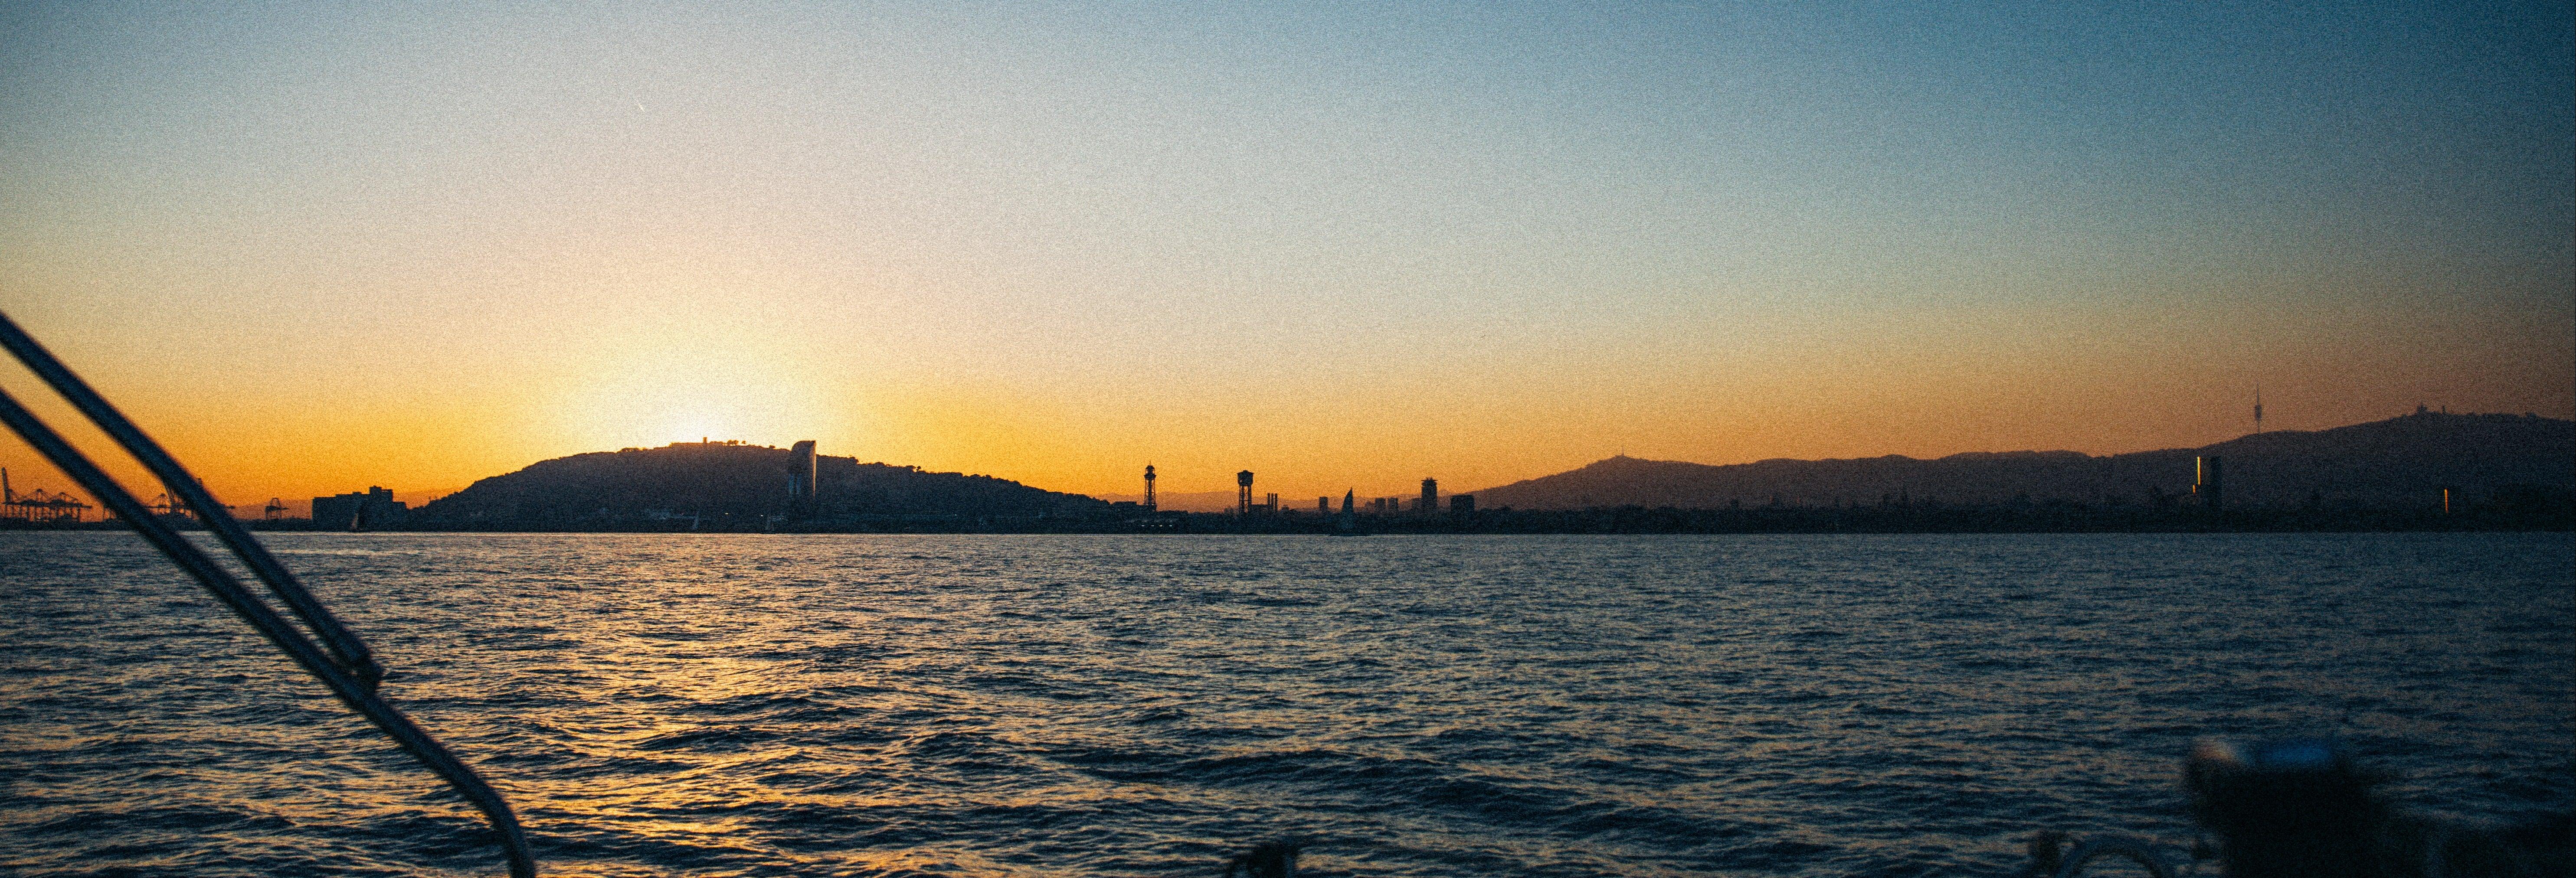 Sunset Sailboat Cruise